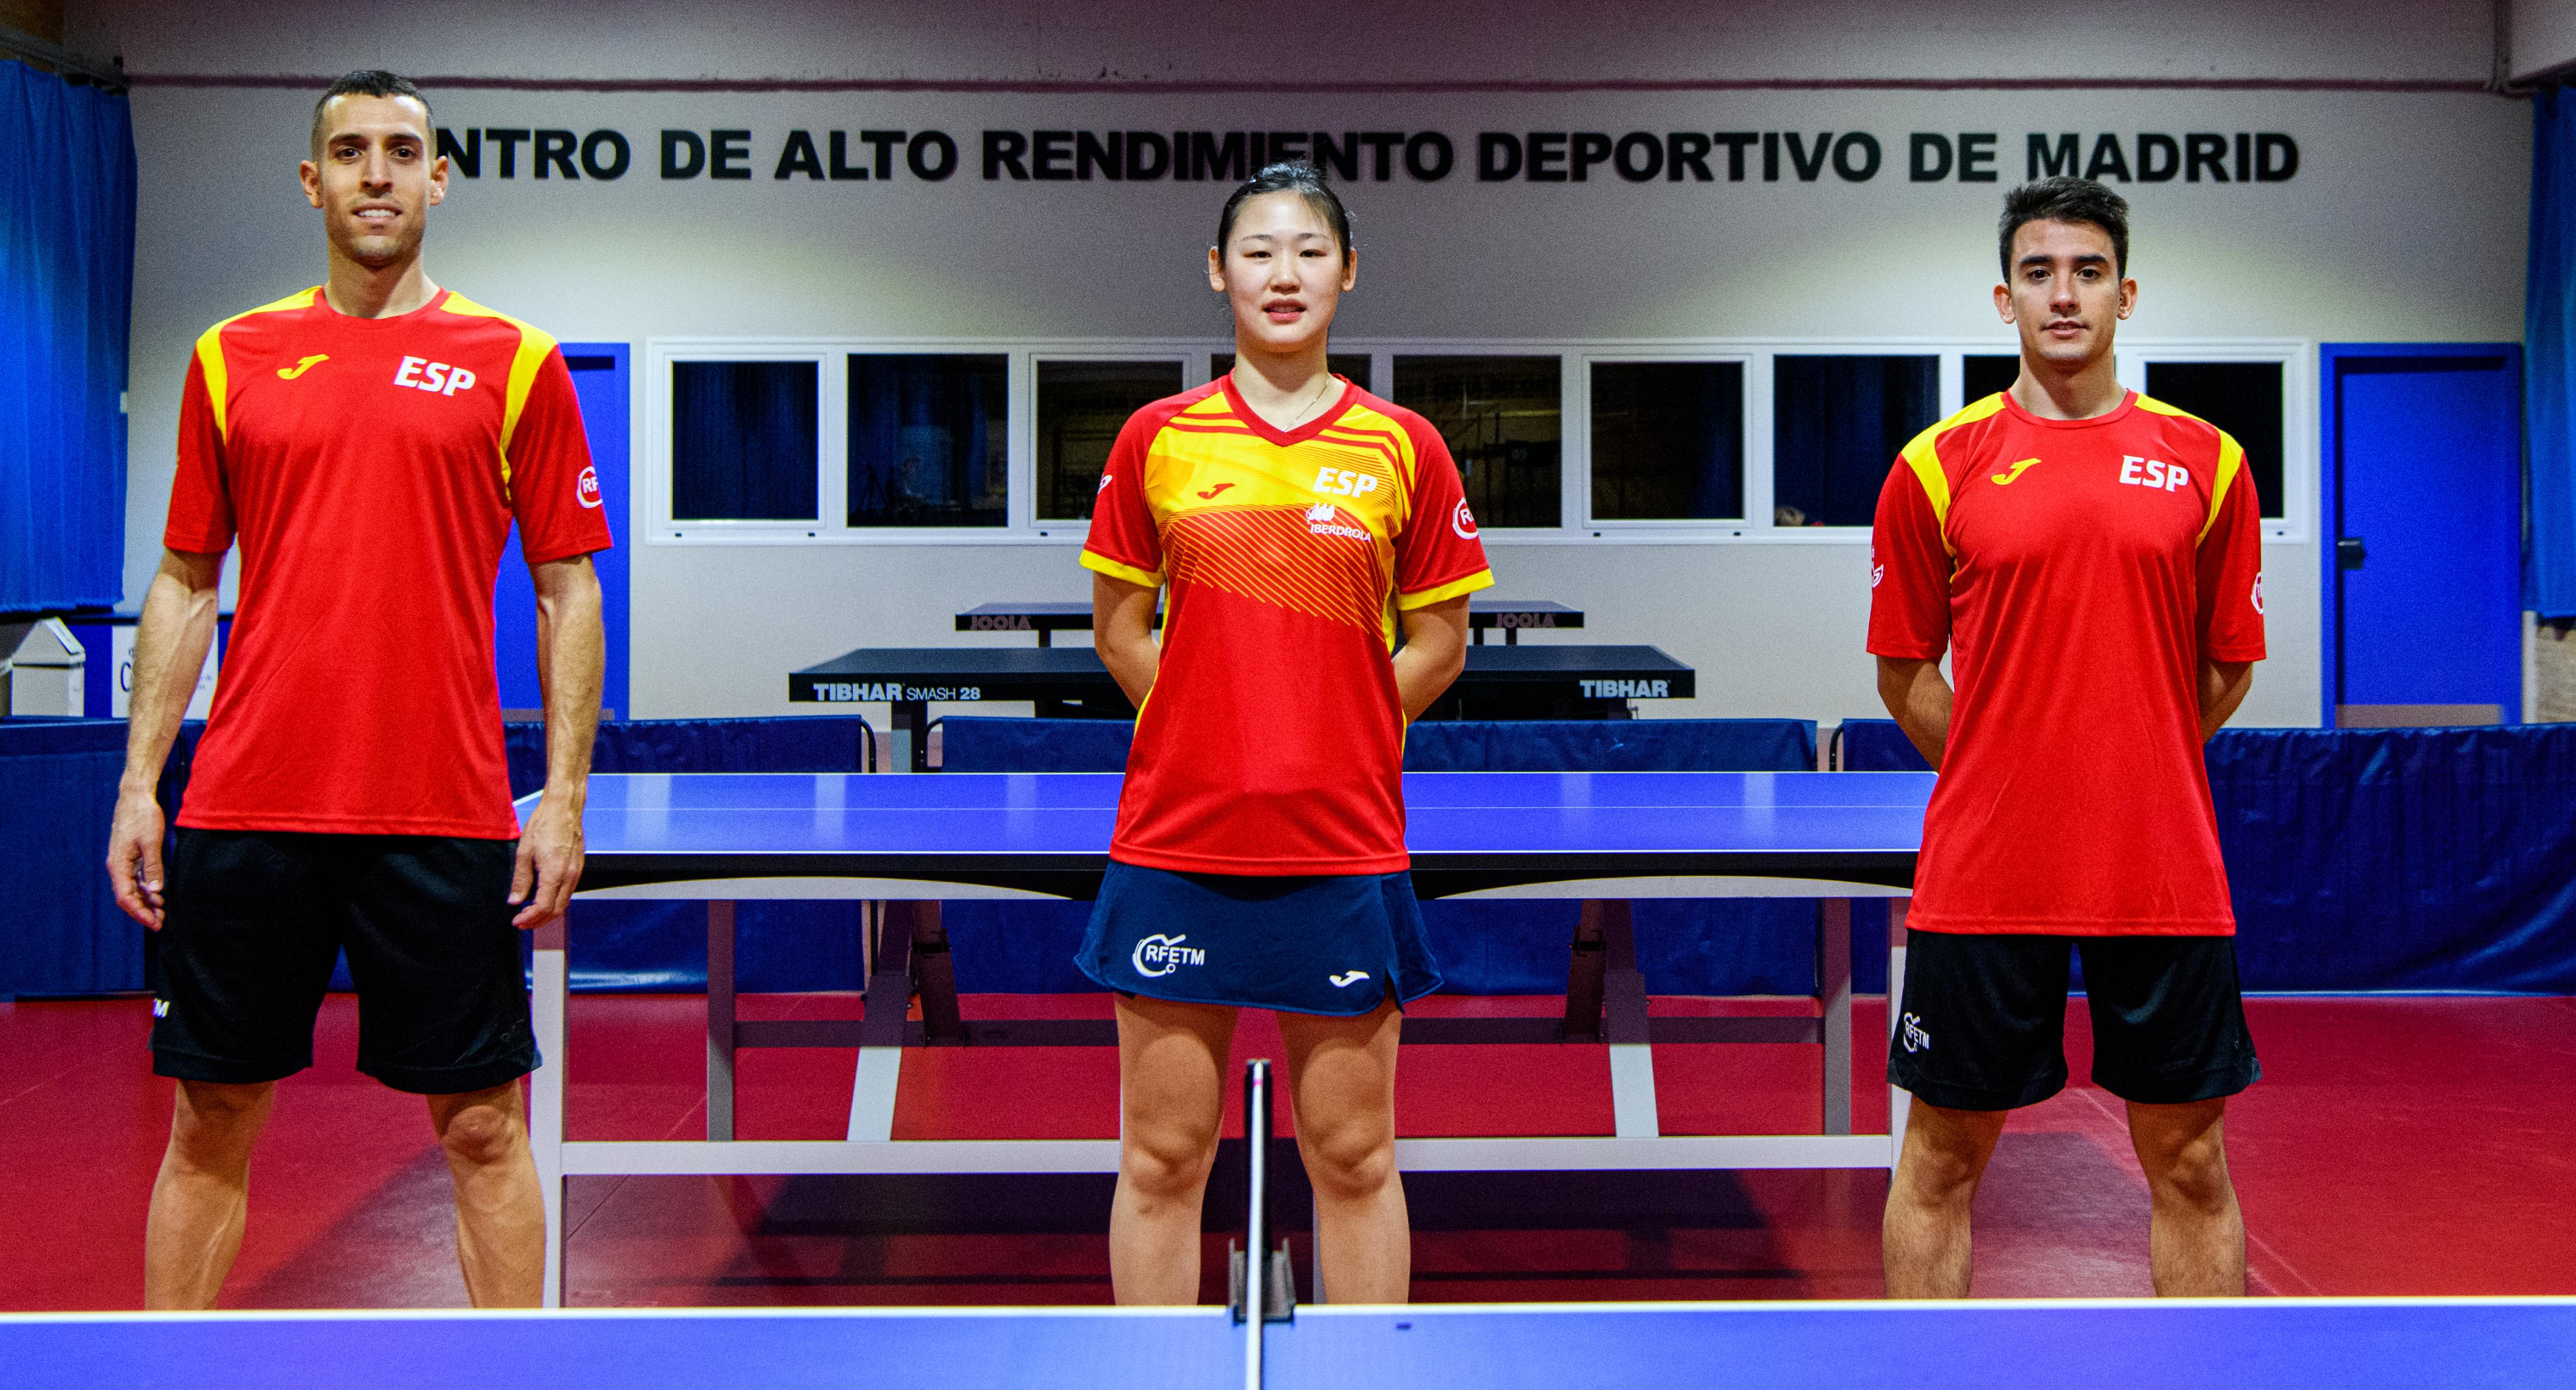 Joma vestirá a los equipos nacionales de tenis de mesa